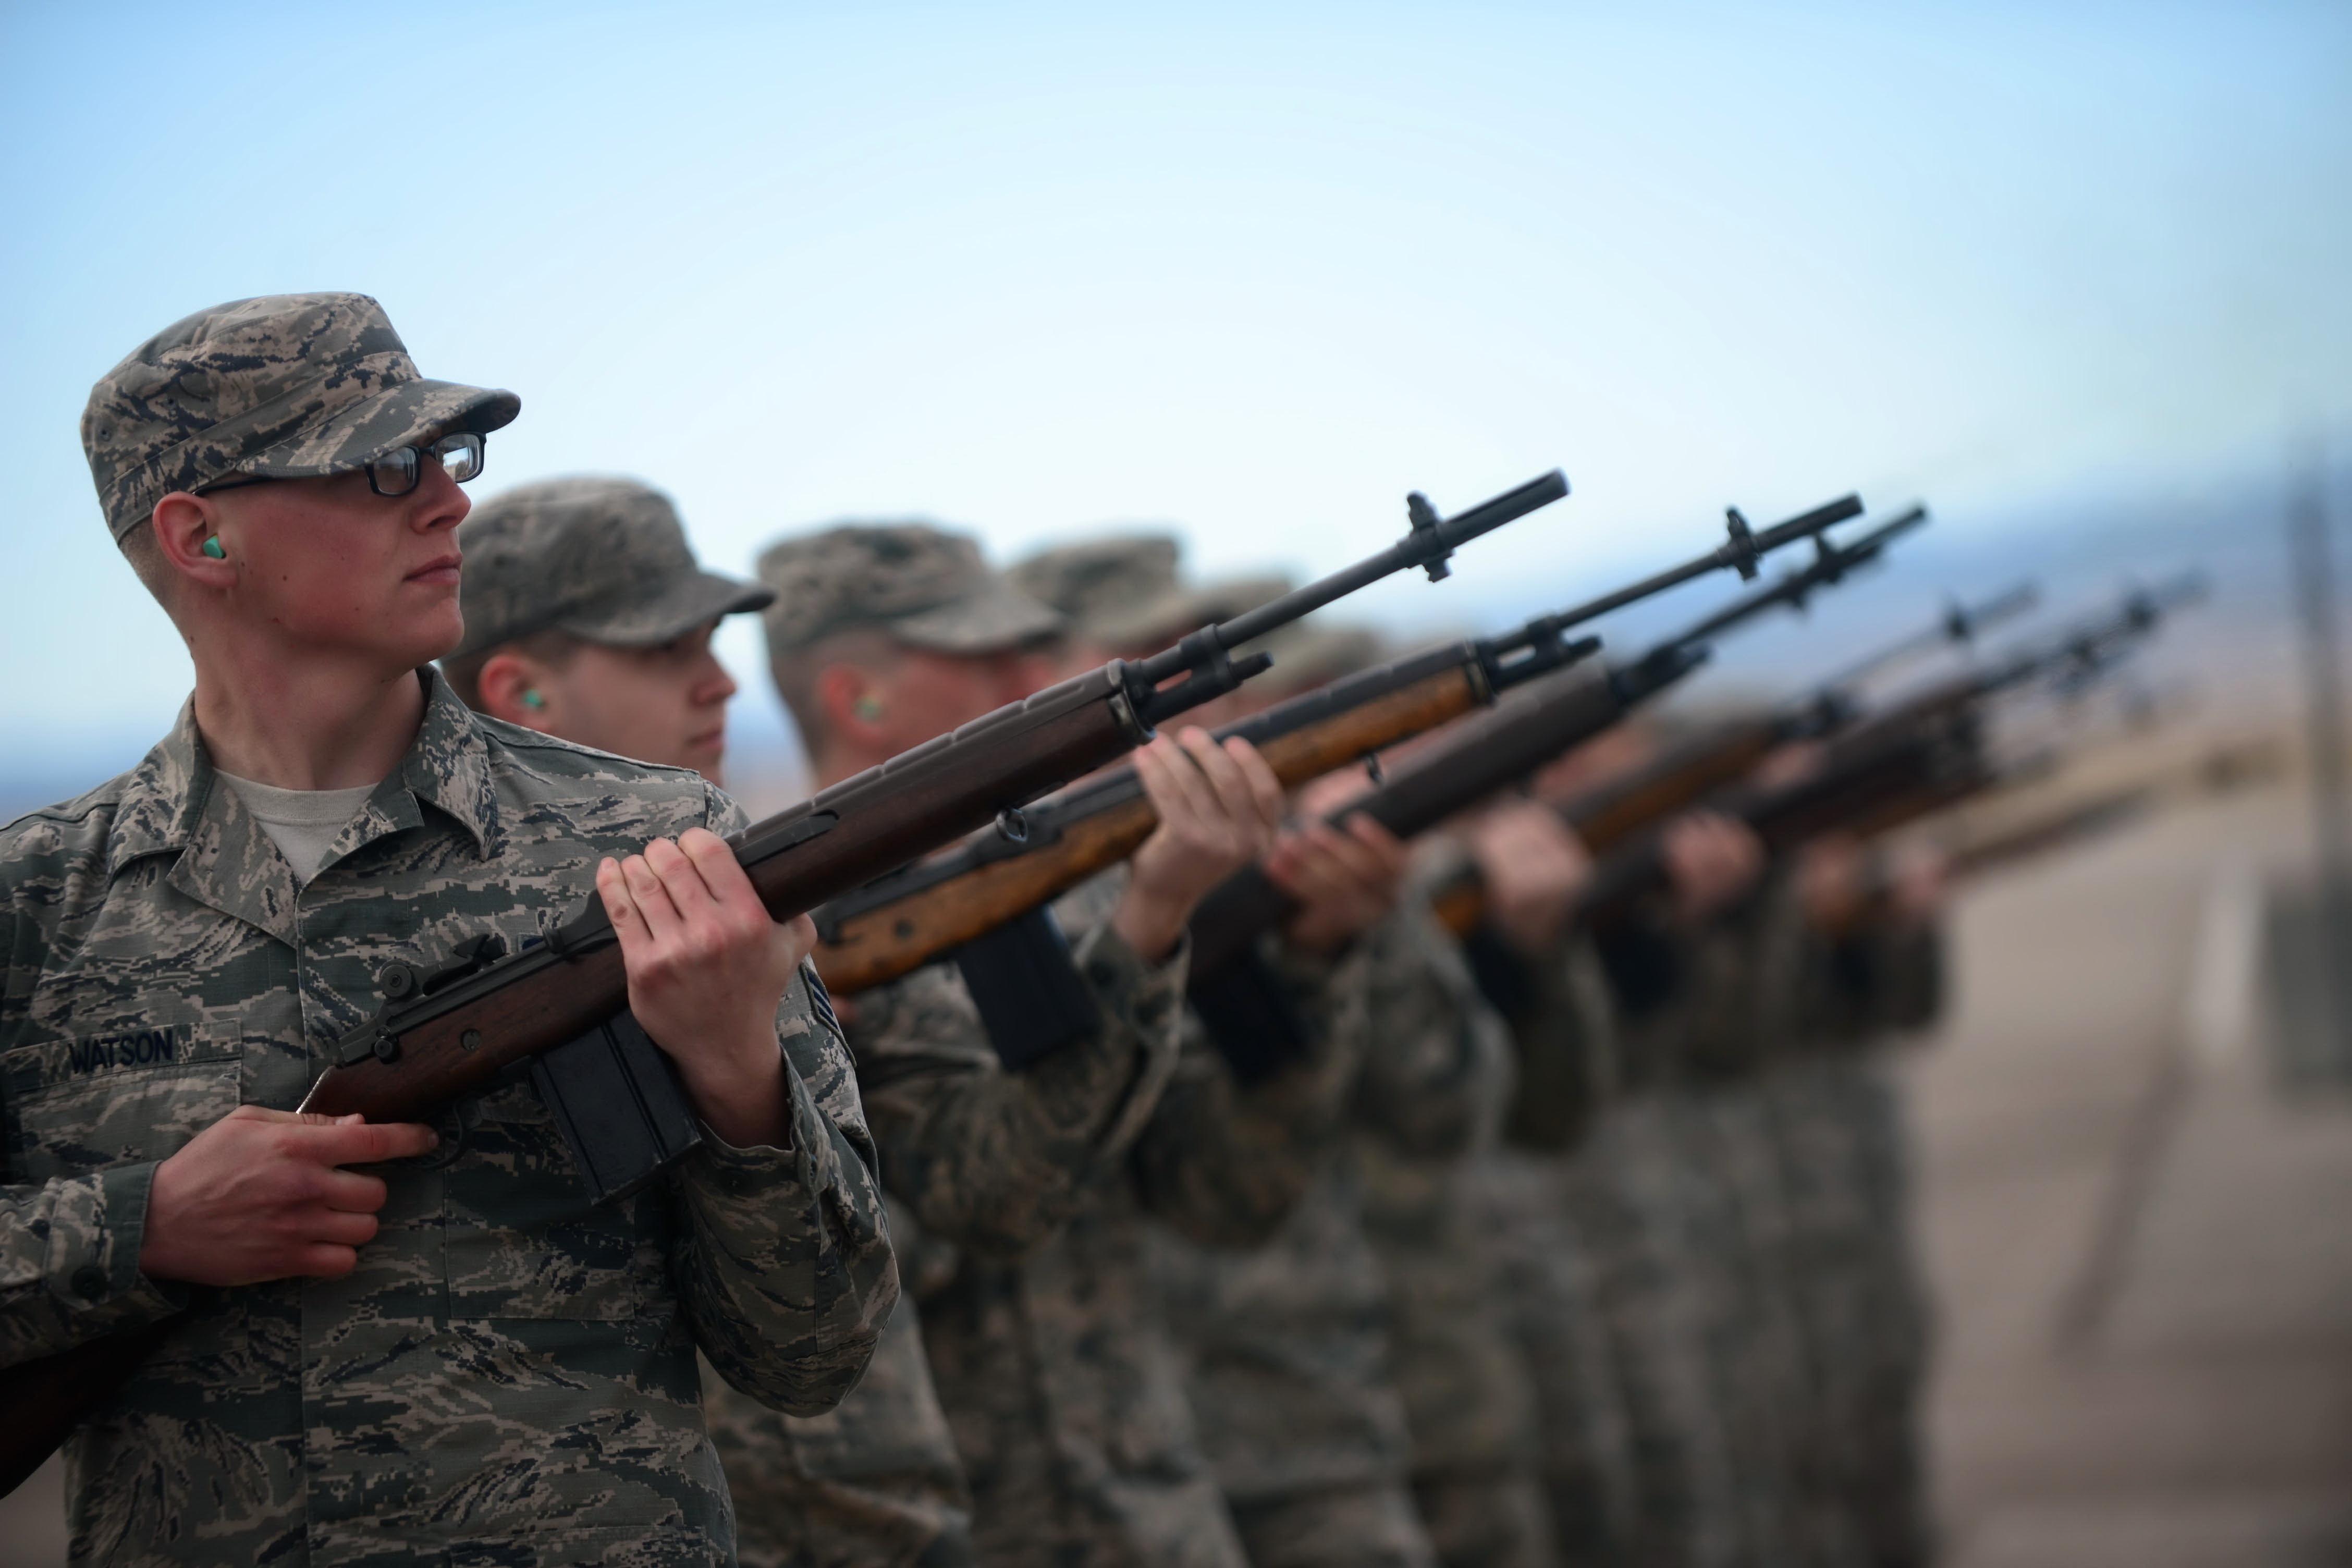 Военных оружие картинка